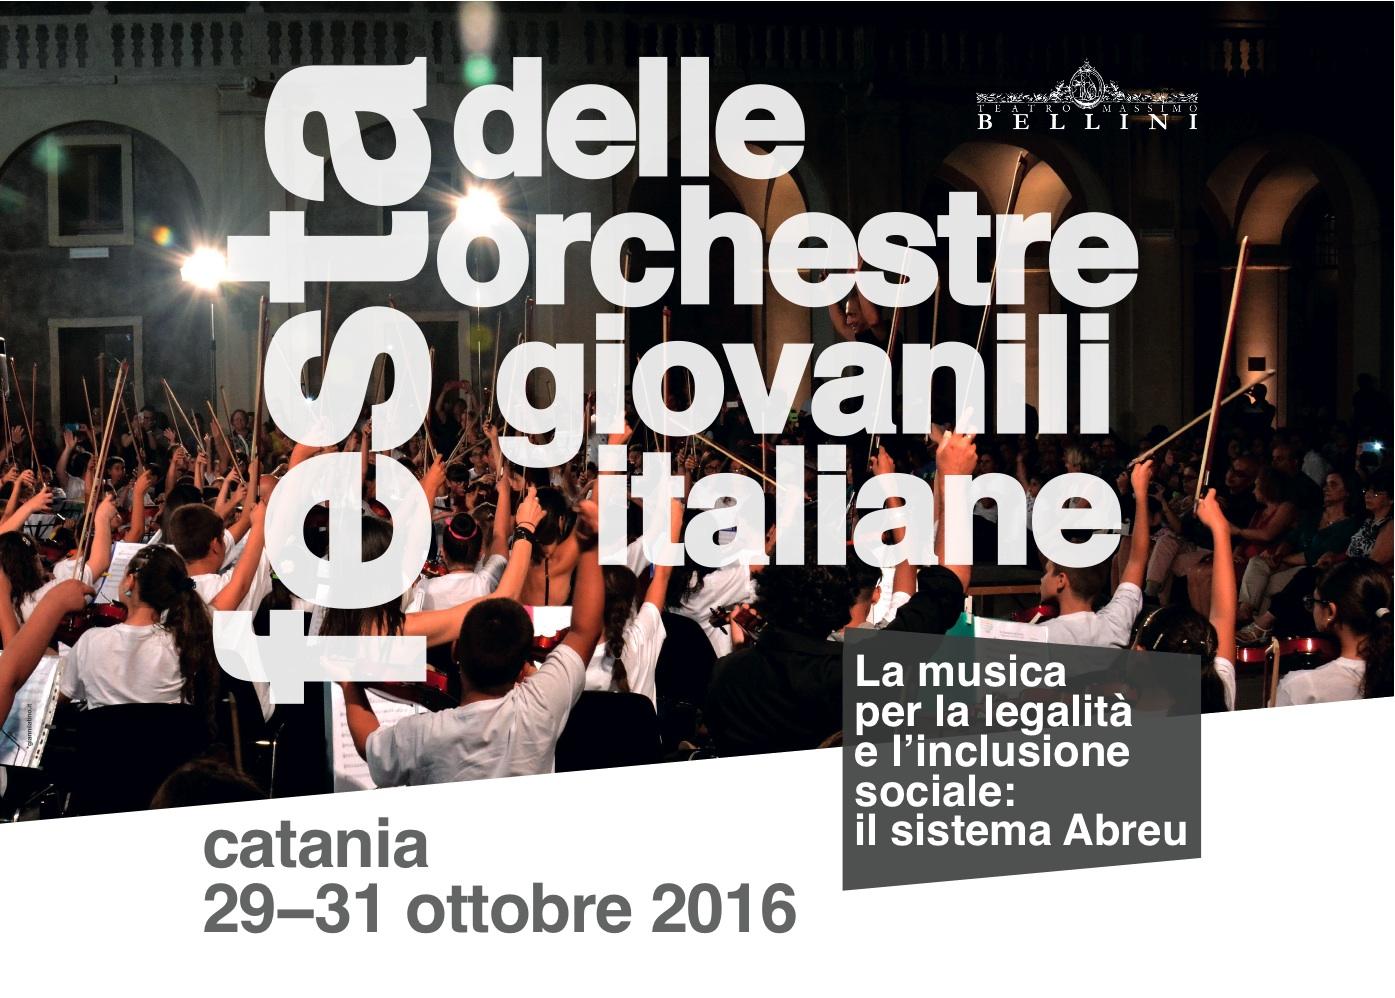 Festa delle orchestre giovanili italiane. La musica per la legalita' e l'inclusione sociale: il sistema abreu - Catania, 29-31 ottobre 2016